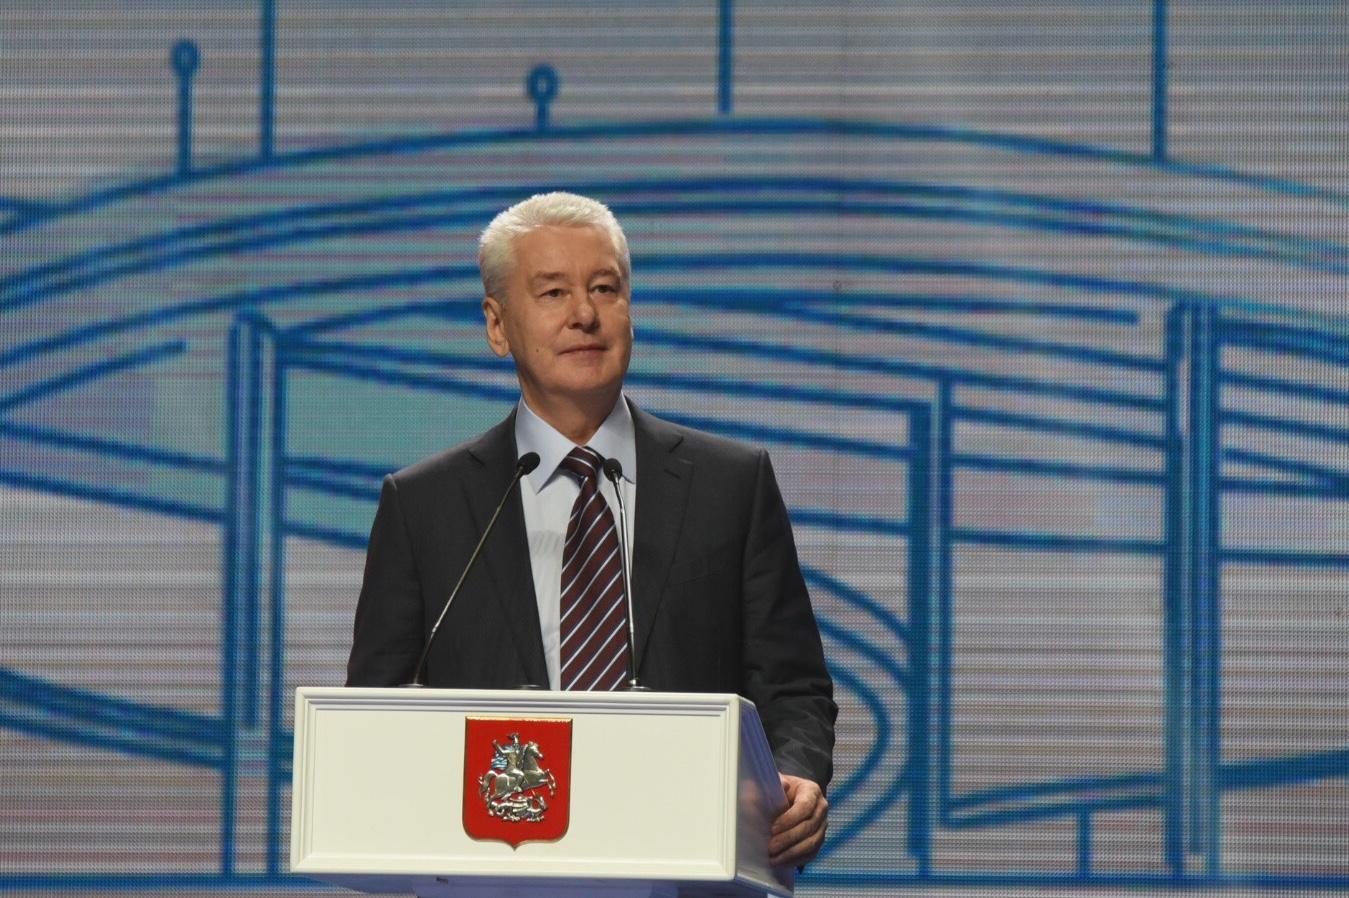 Сергей Собянин отметил падение уровня преступности в Москве